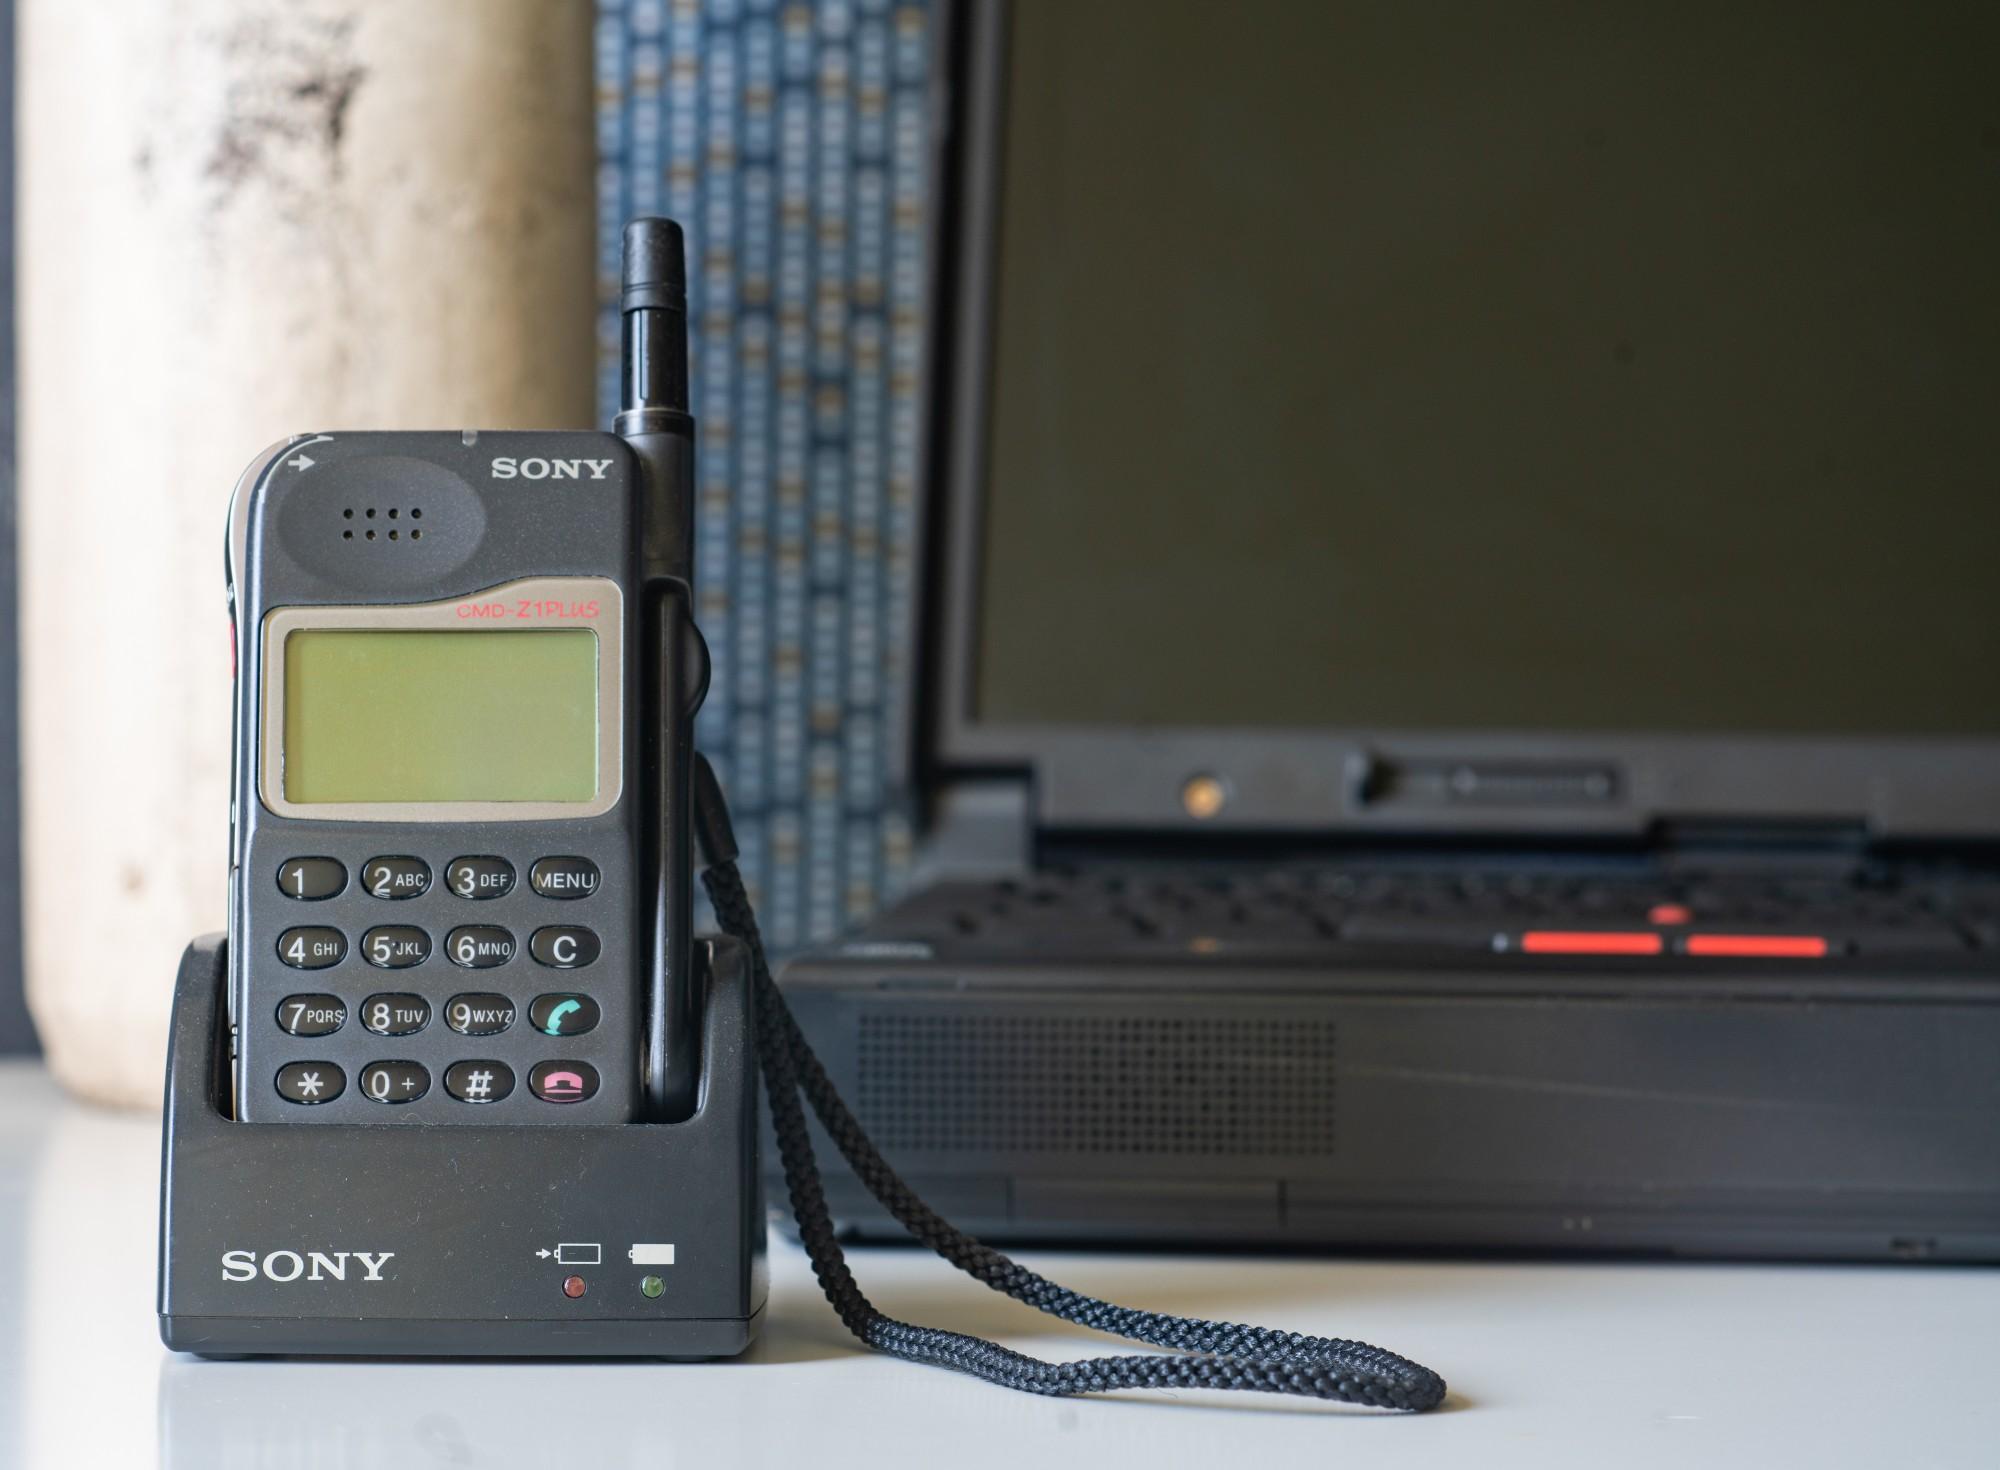 Древности: удаленная работа на устройствах 1998 года - 12